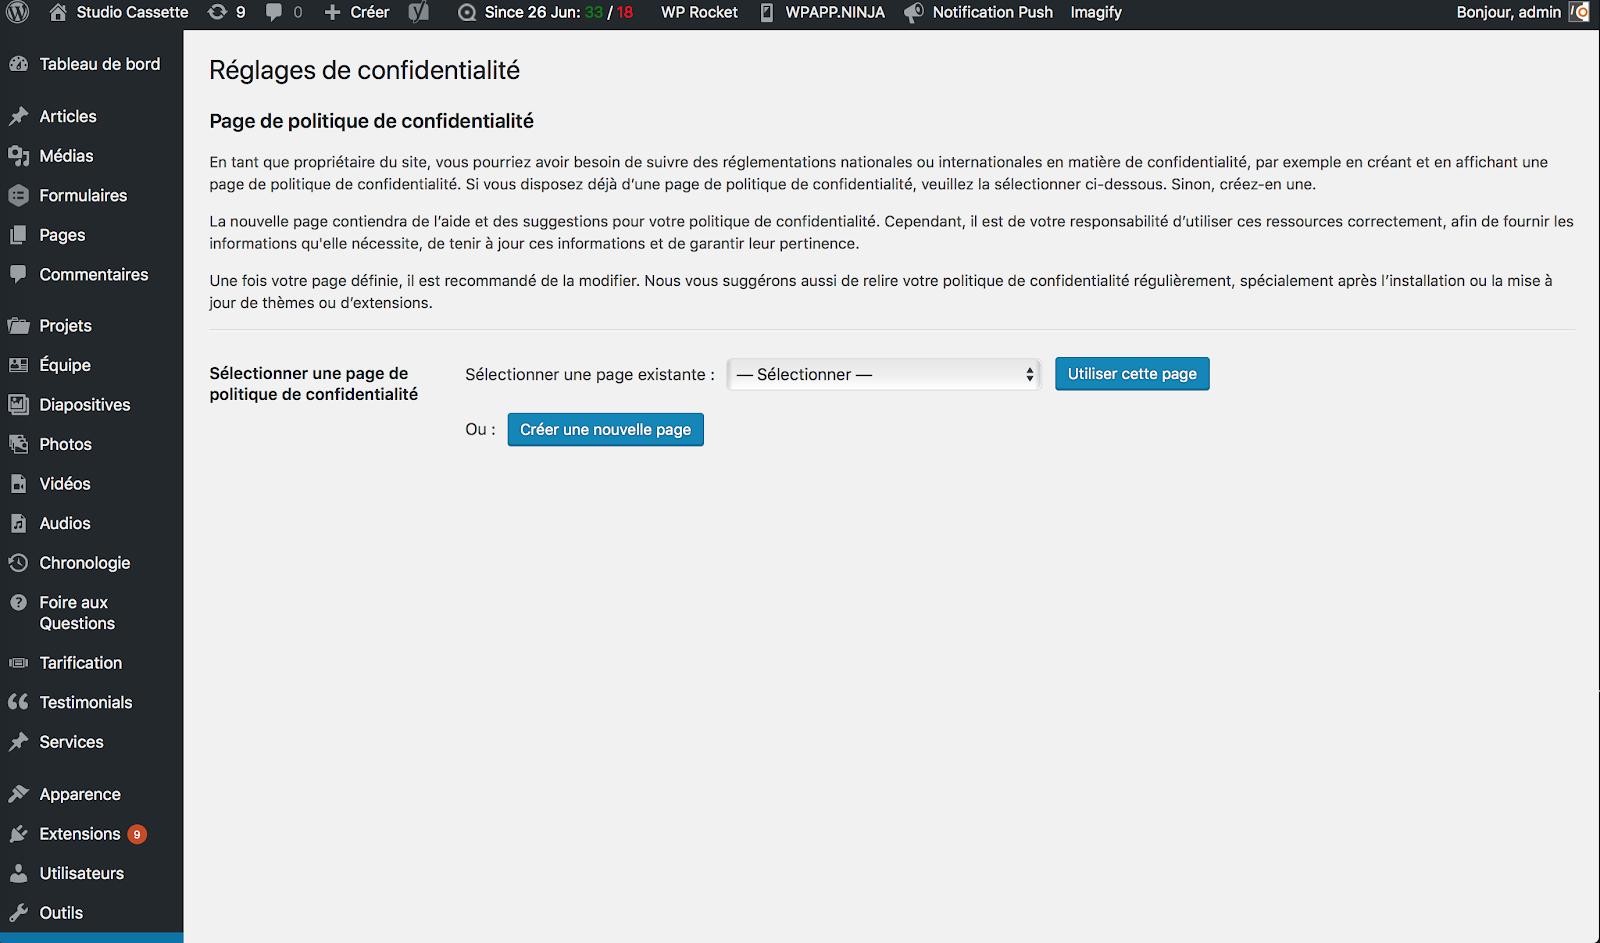 Comment Wordpress vous aide à vous conformer au RGPD 2